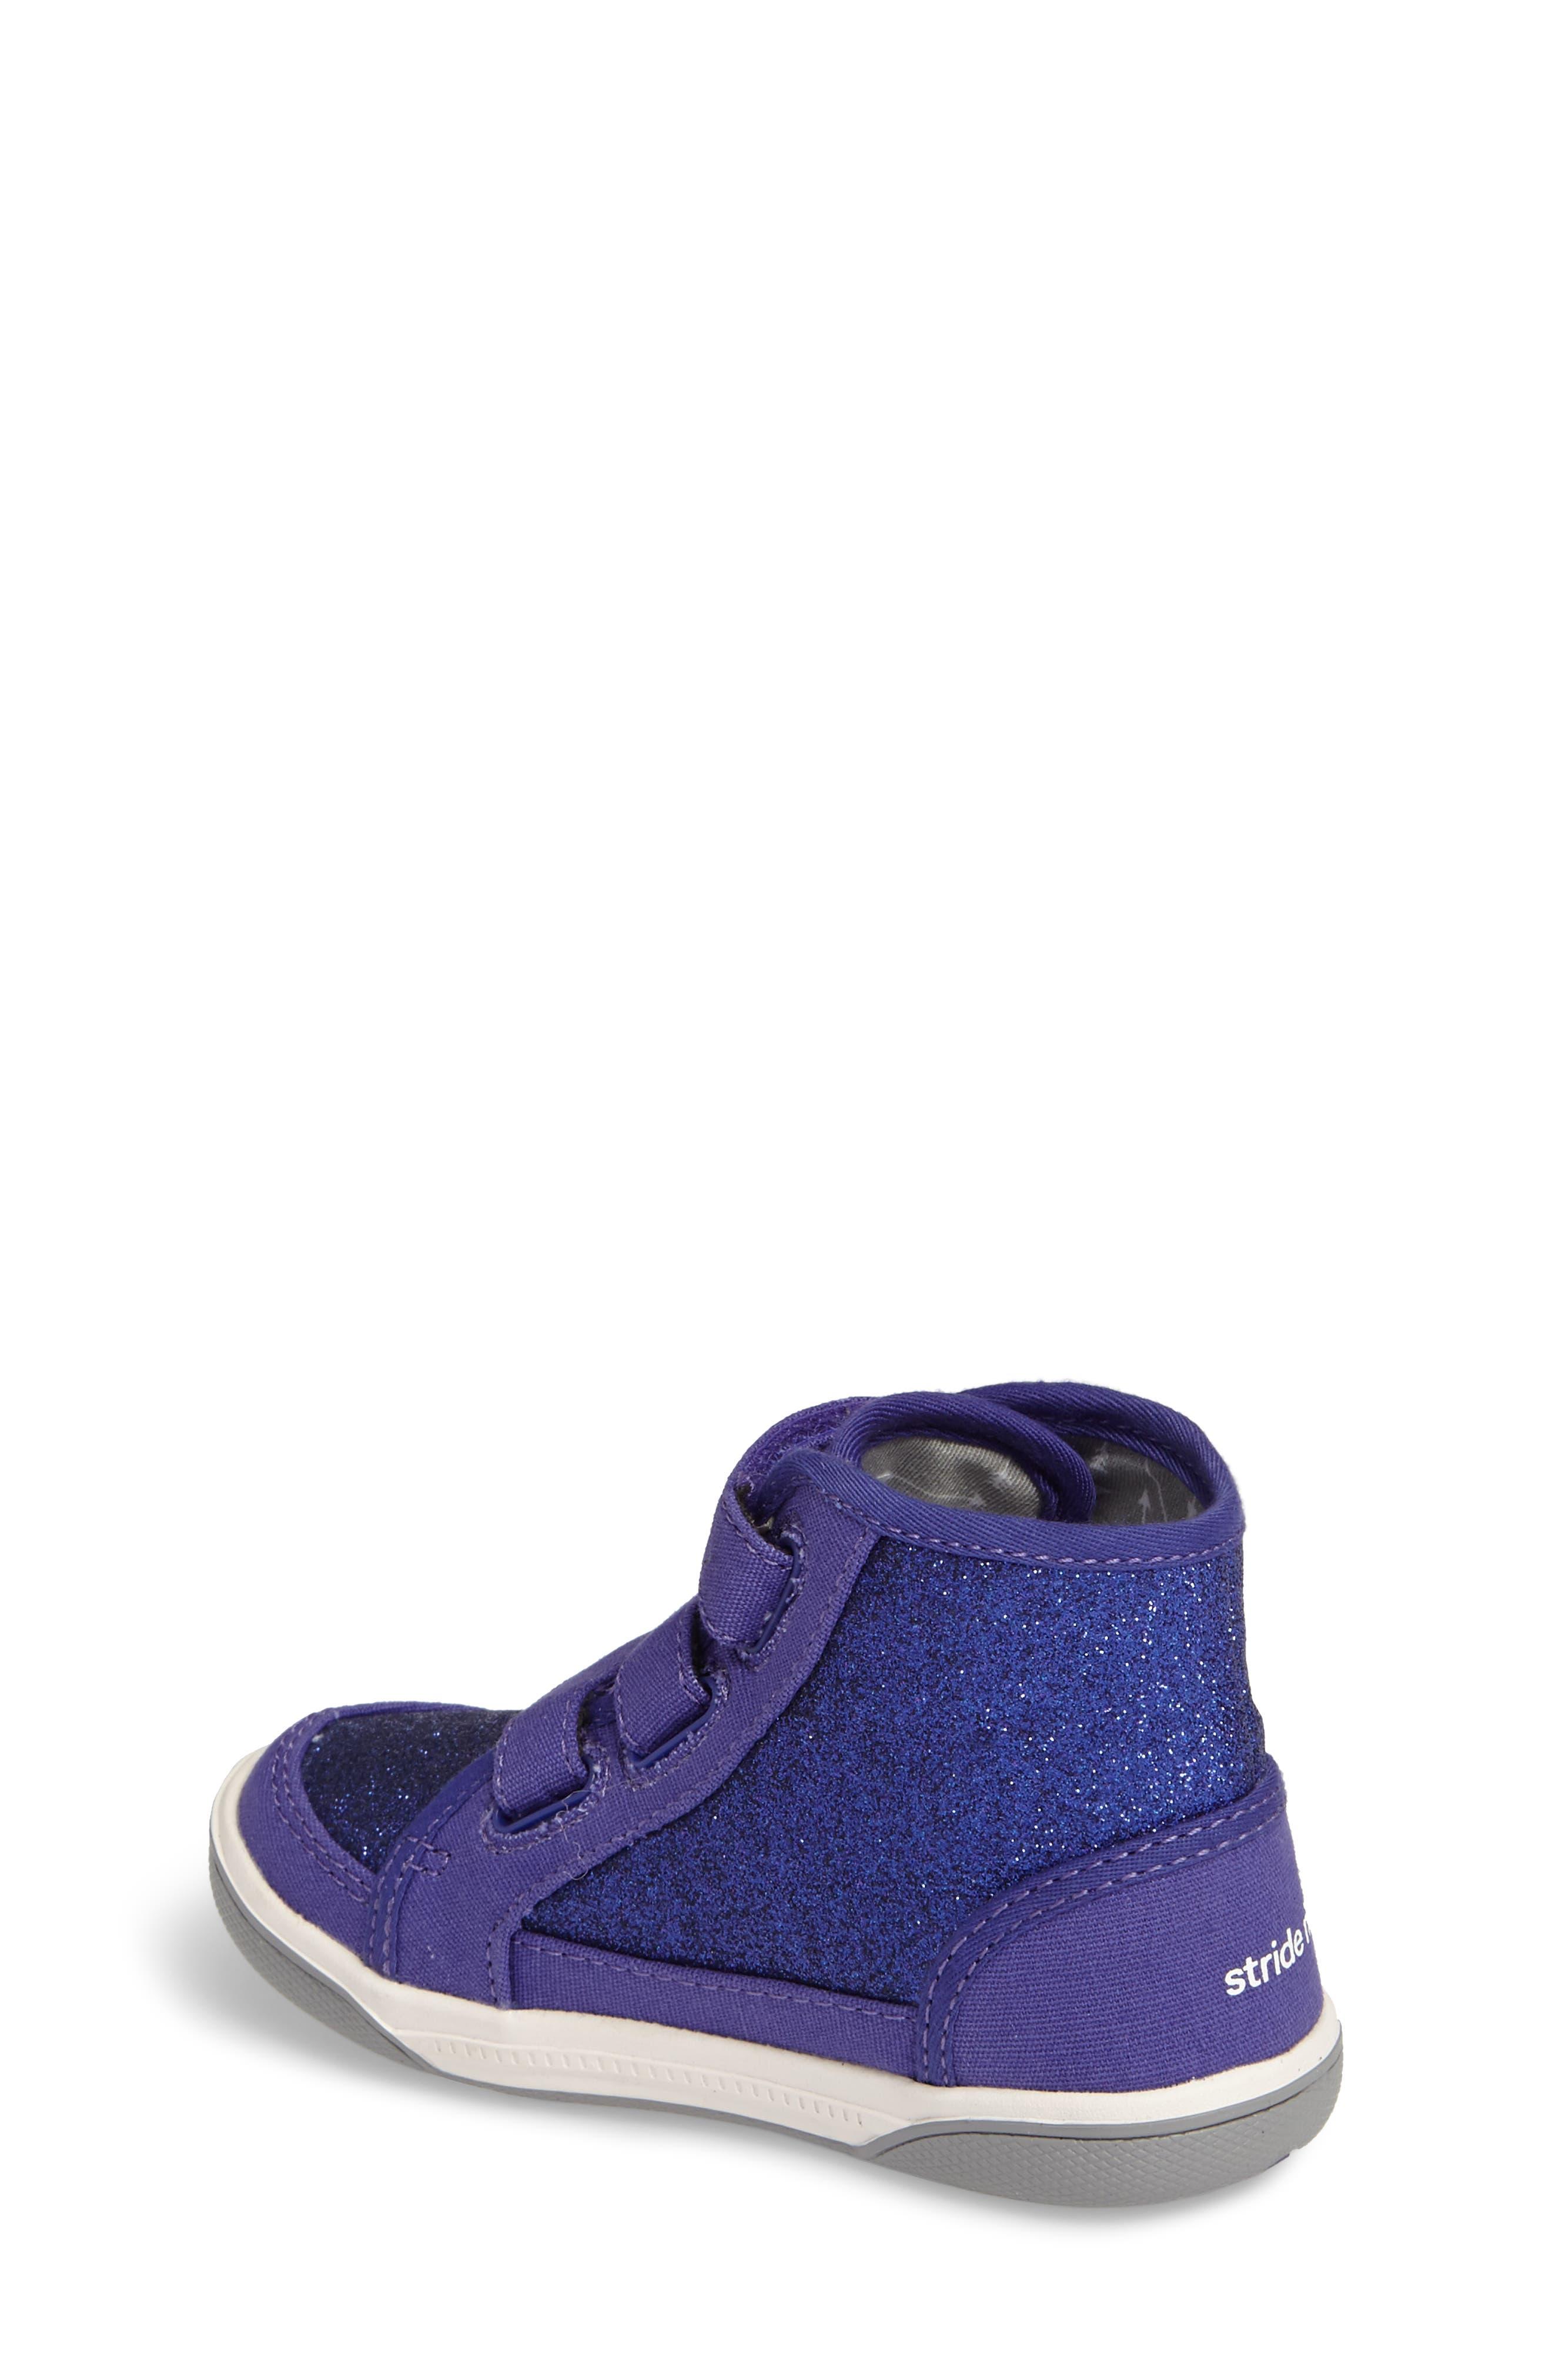 Ellis Glitter High Top Sneaker,                             Alternate thumbnail 2, color,                             500